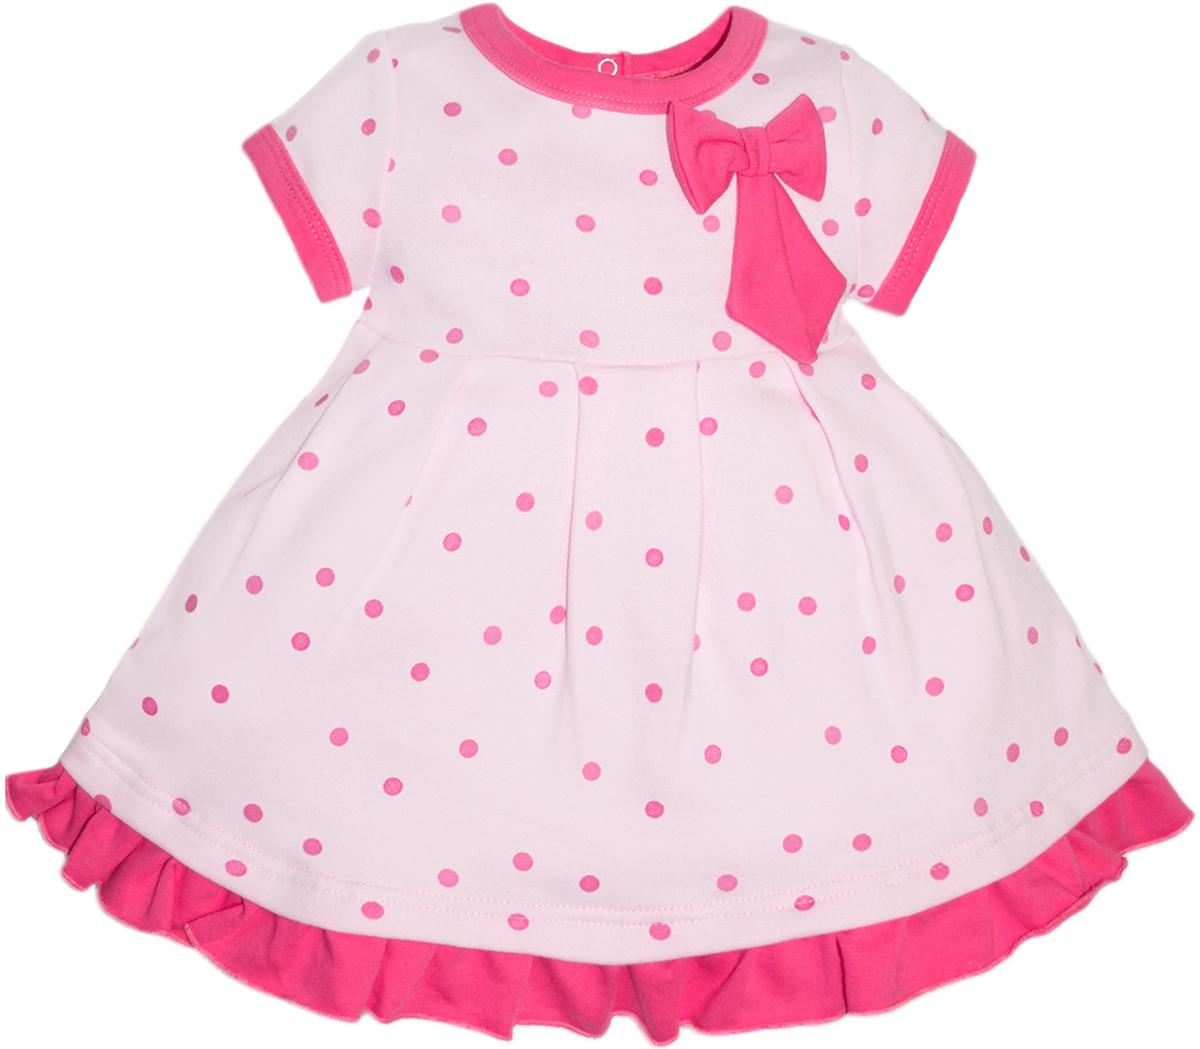 Платье для девочки Let's Go, цвет: розовый. 8123. Размер 68 платье без рукавов с декоративным бантом